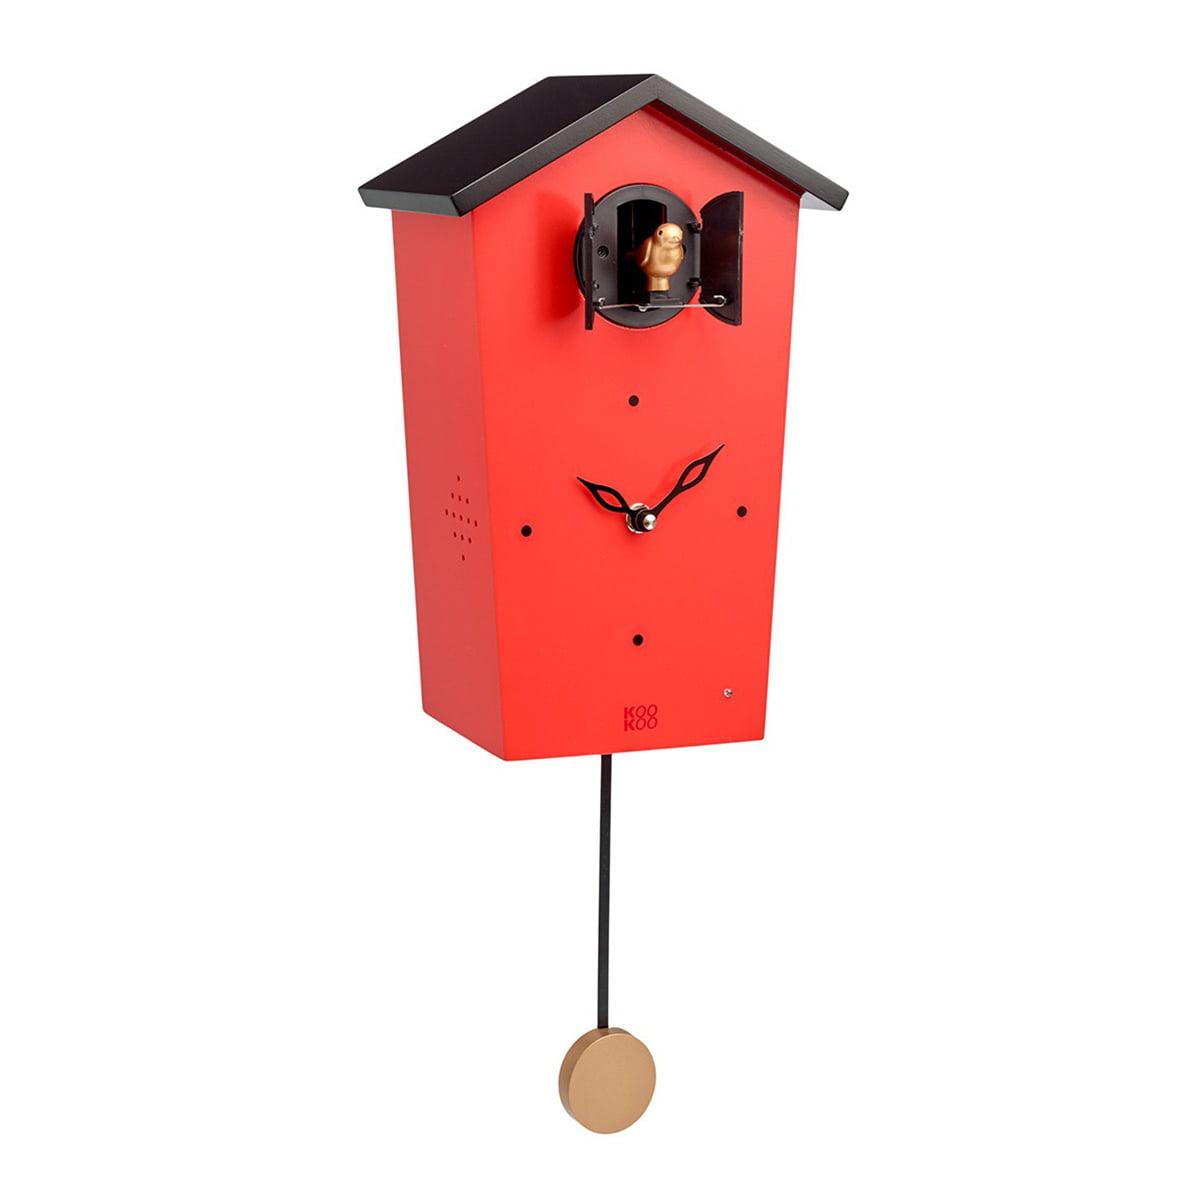 KooKoo - Bird House Kuckucksuhr, rot (Limited Edition) | Dekoration > Uhren > Kuckucksuhren | Rot | Mdf holz | KooKoo